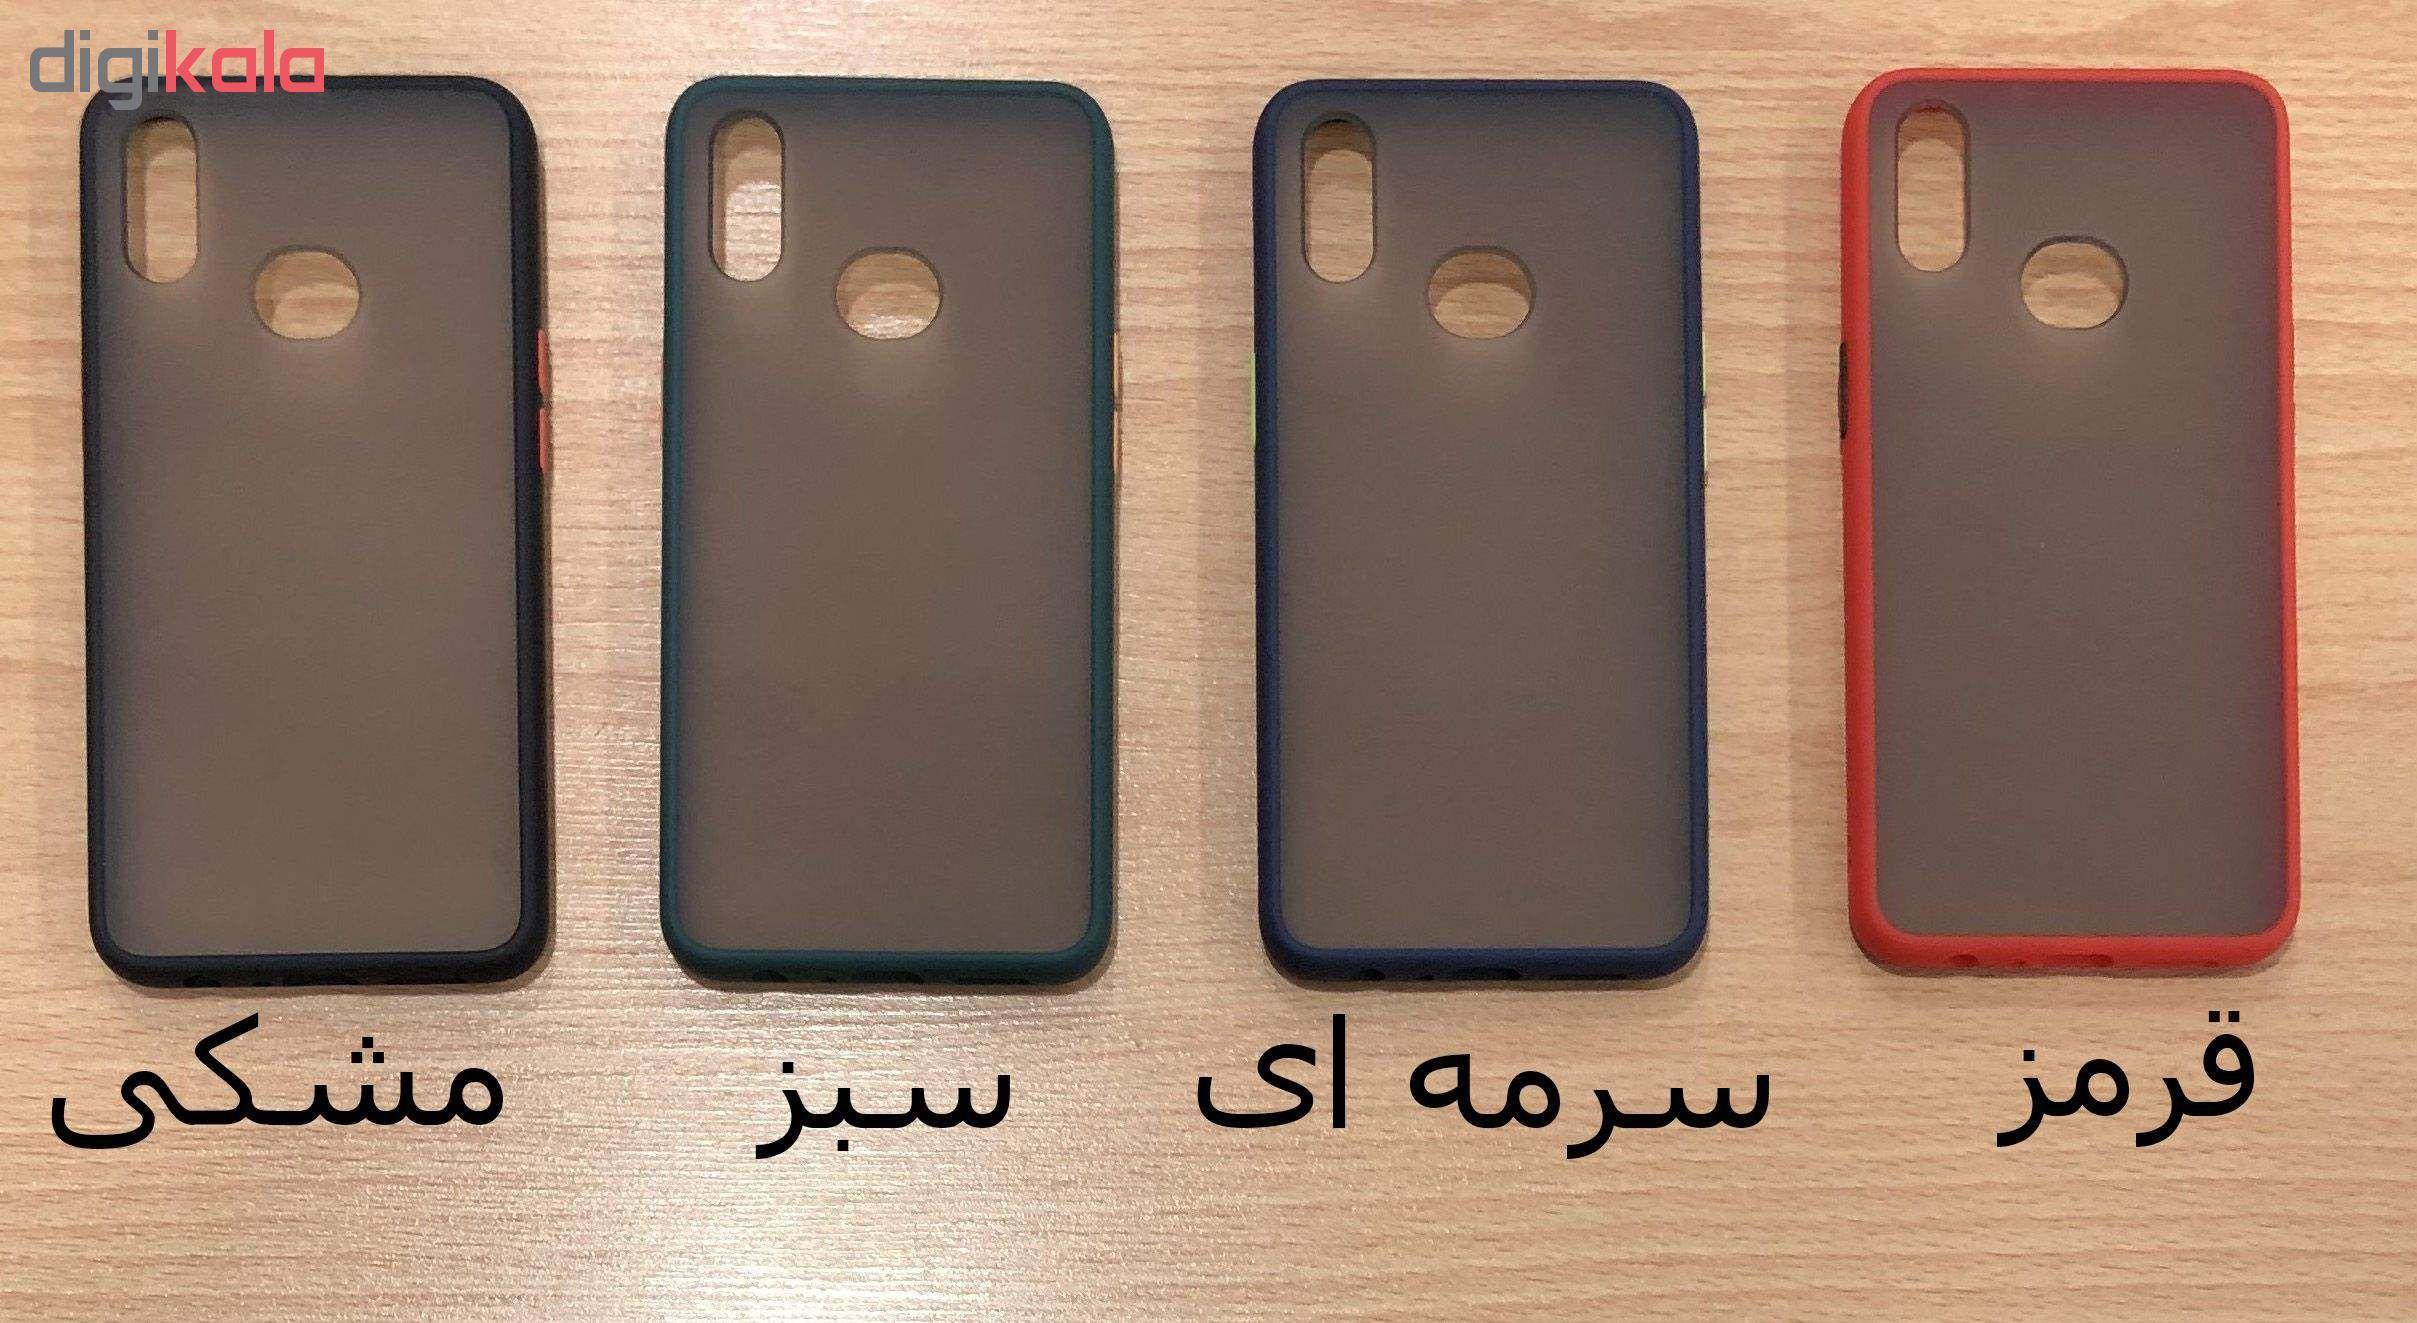 کاور مدل Slico01 مناسب برای گوشی موبایل سامسونگ Galaxy A20S main 1 3